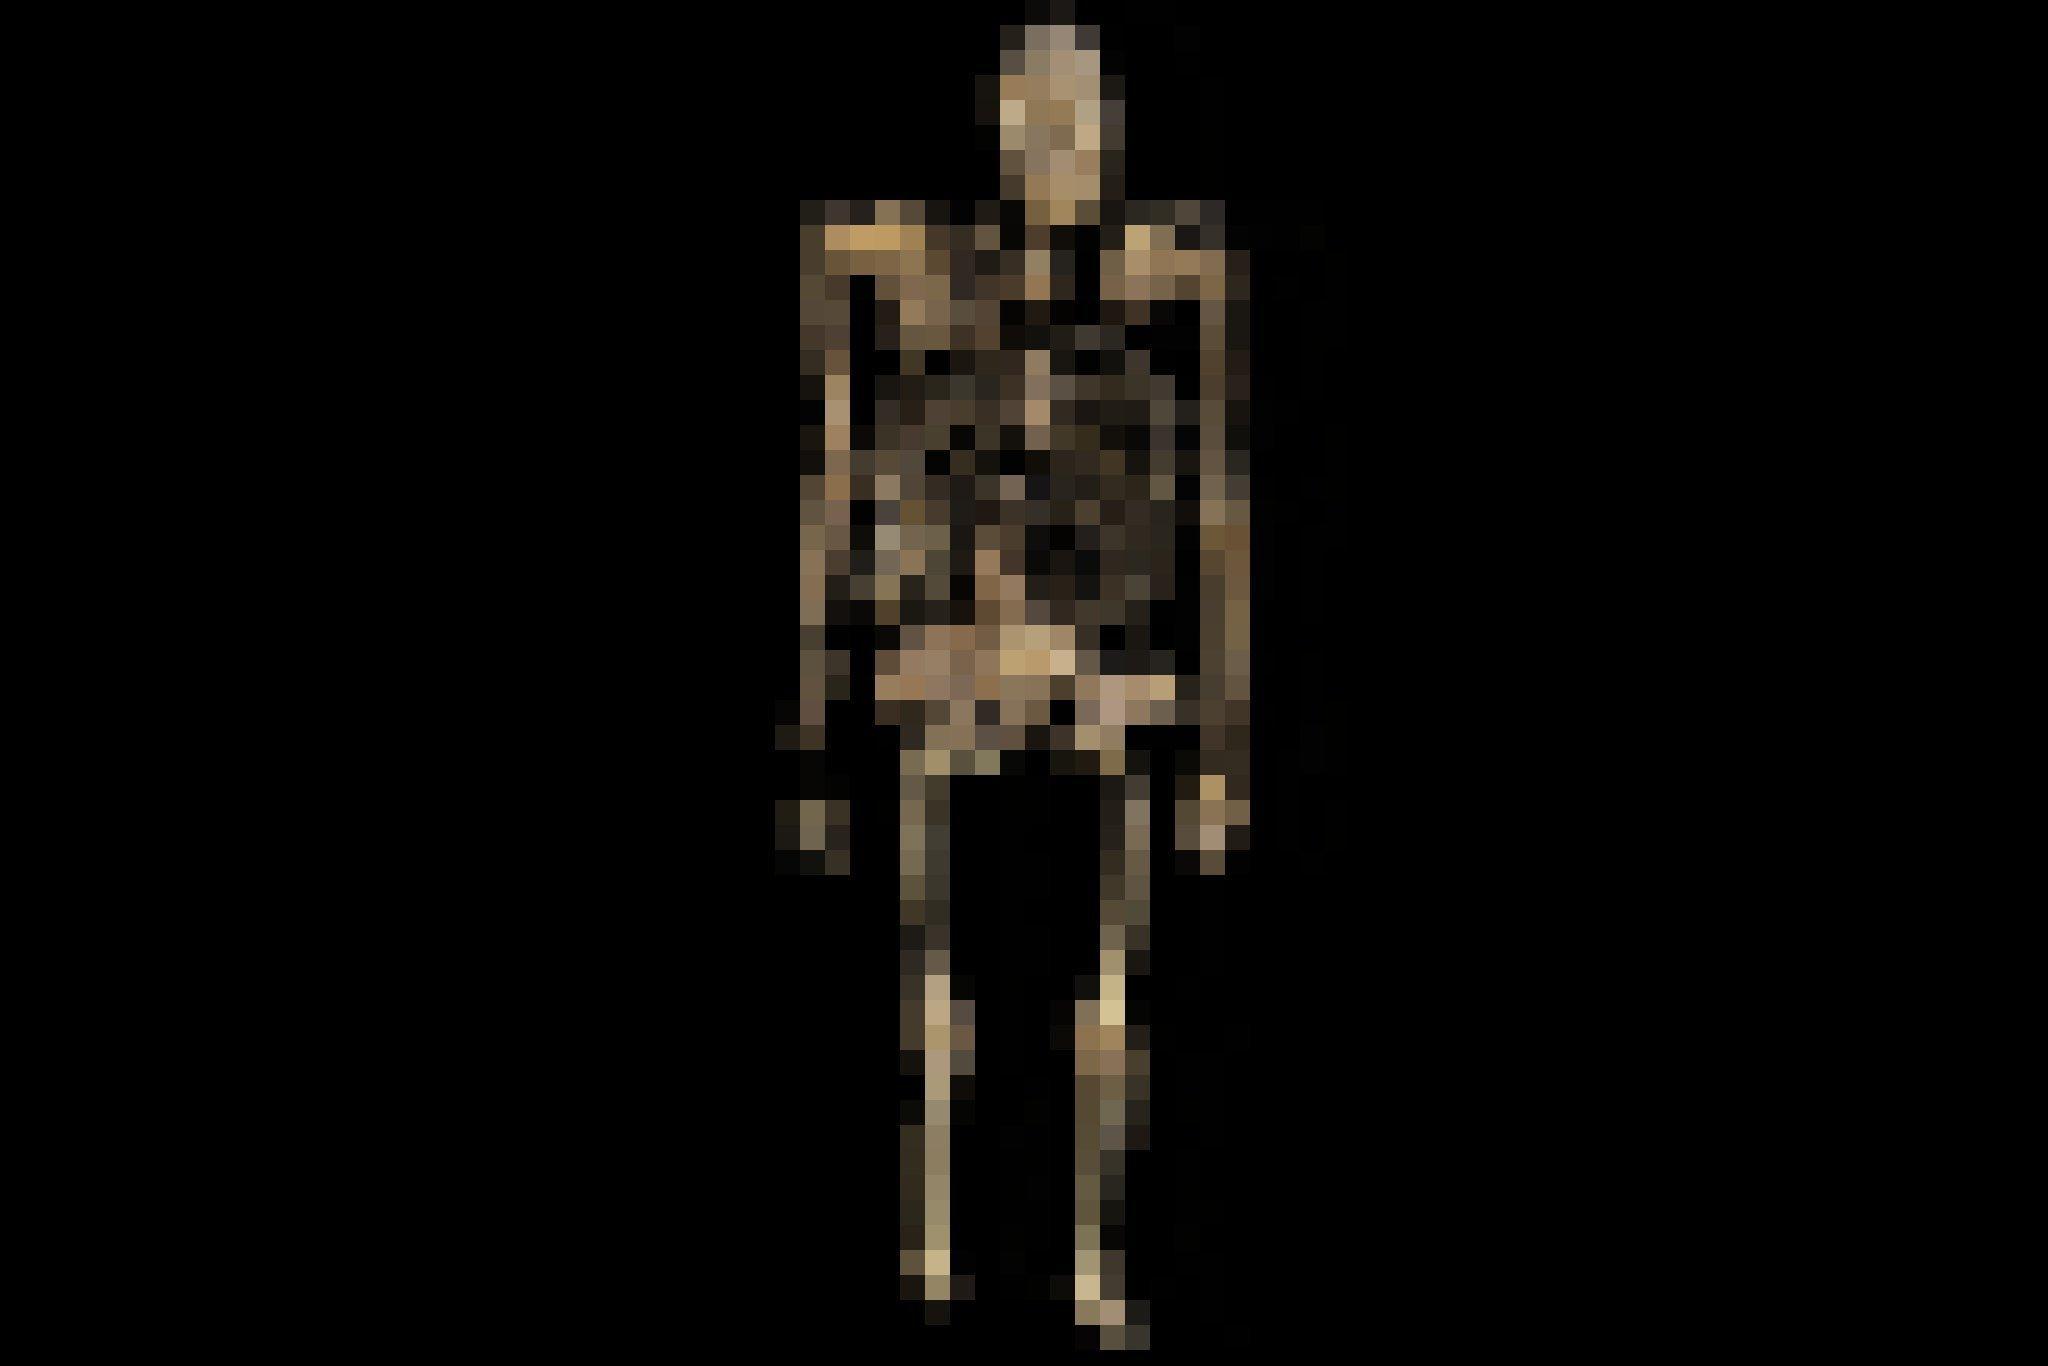 Vor schwarzem Hintergrund ist ein in aufrechter Position gezeigtes, weitgehend erhaltenes fossiles Skelett zu sehen, das wie eine Mischung zwischen Affe und Mensch wirkt.